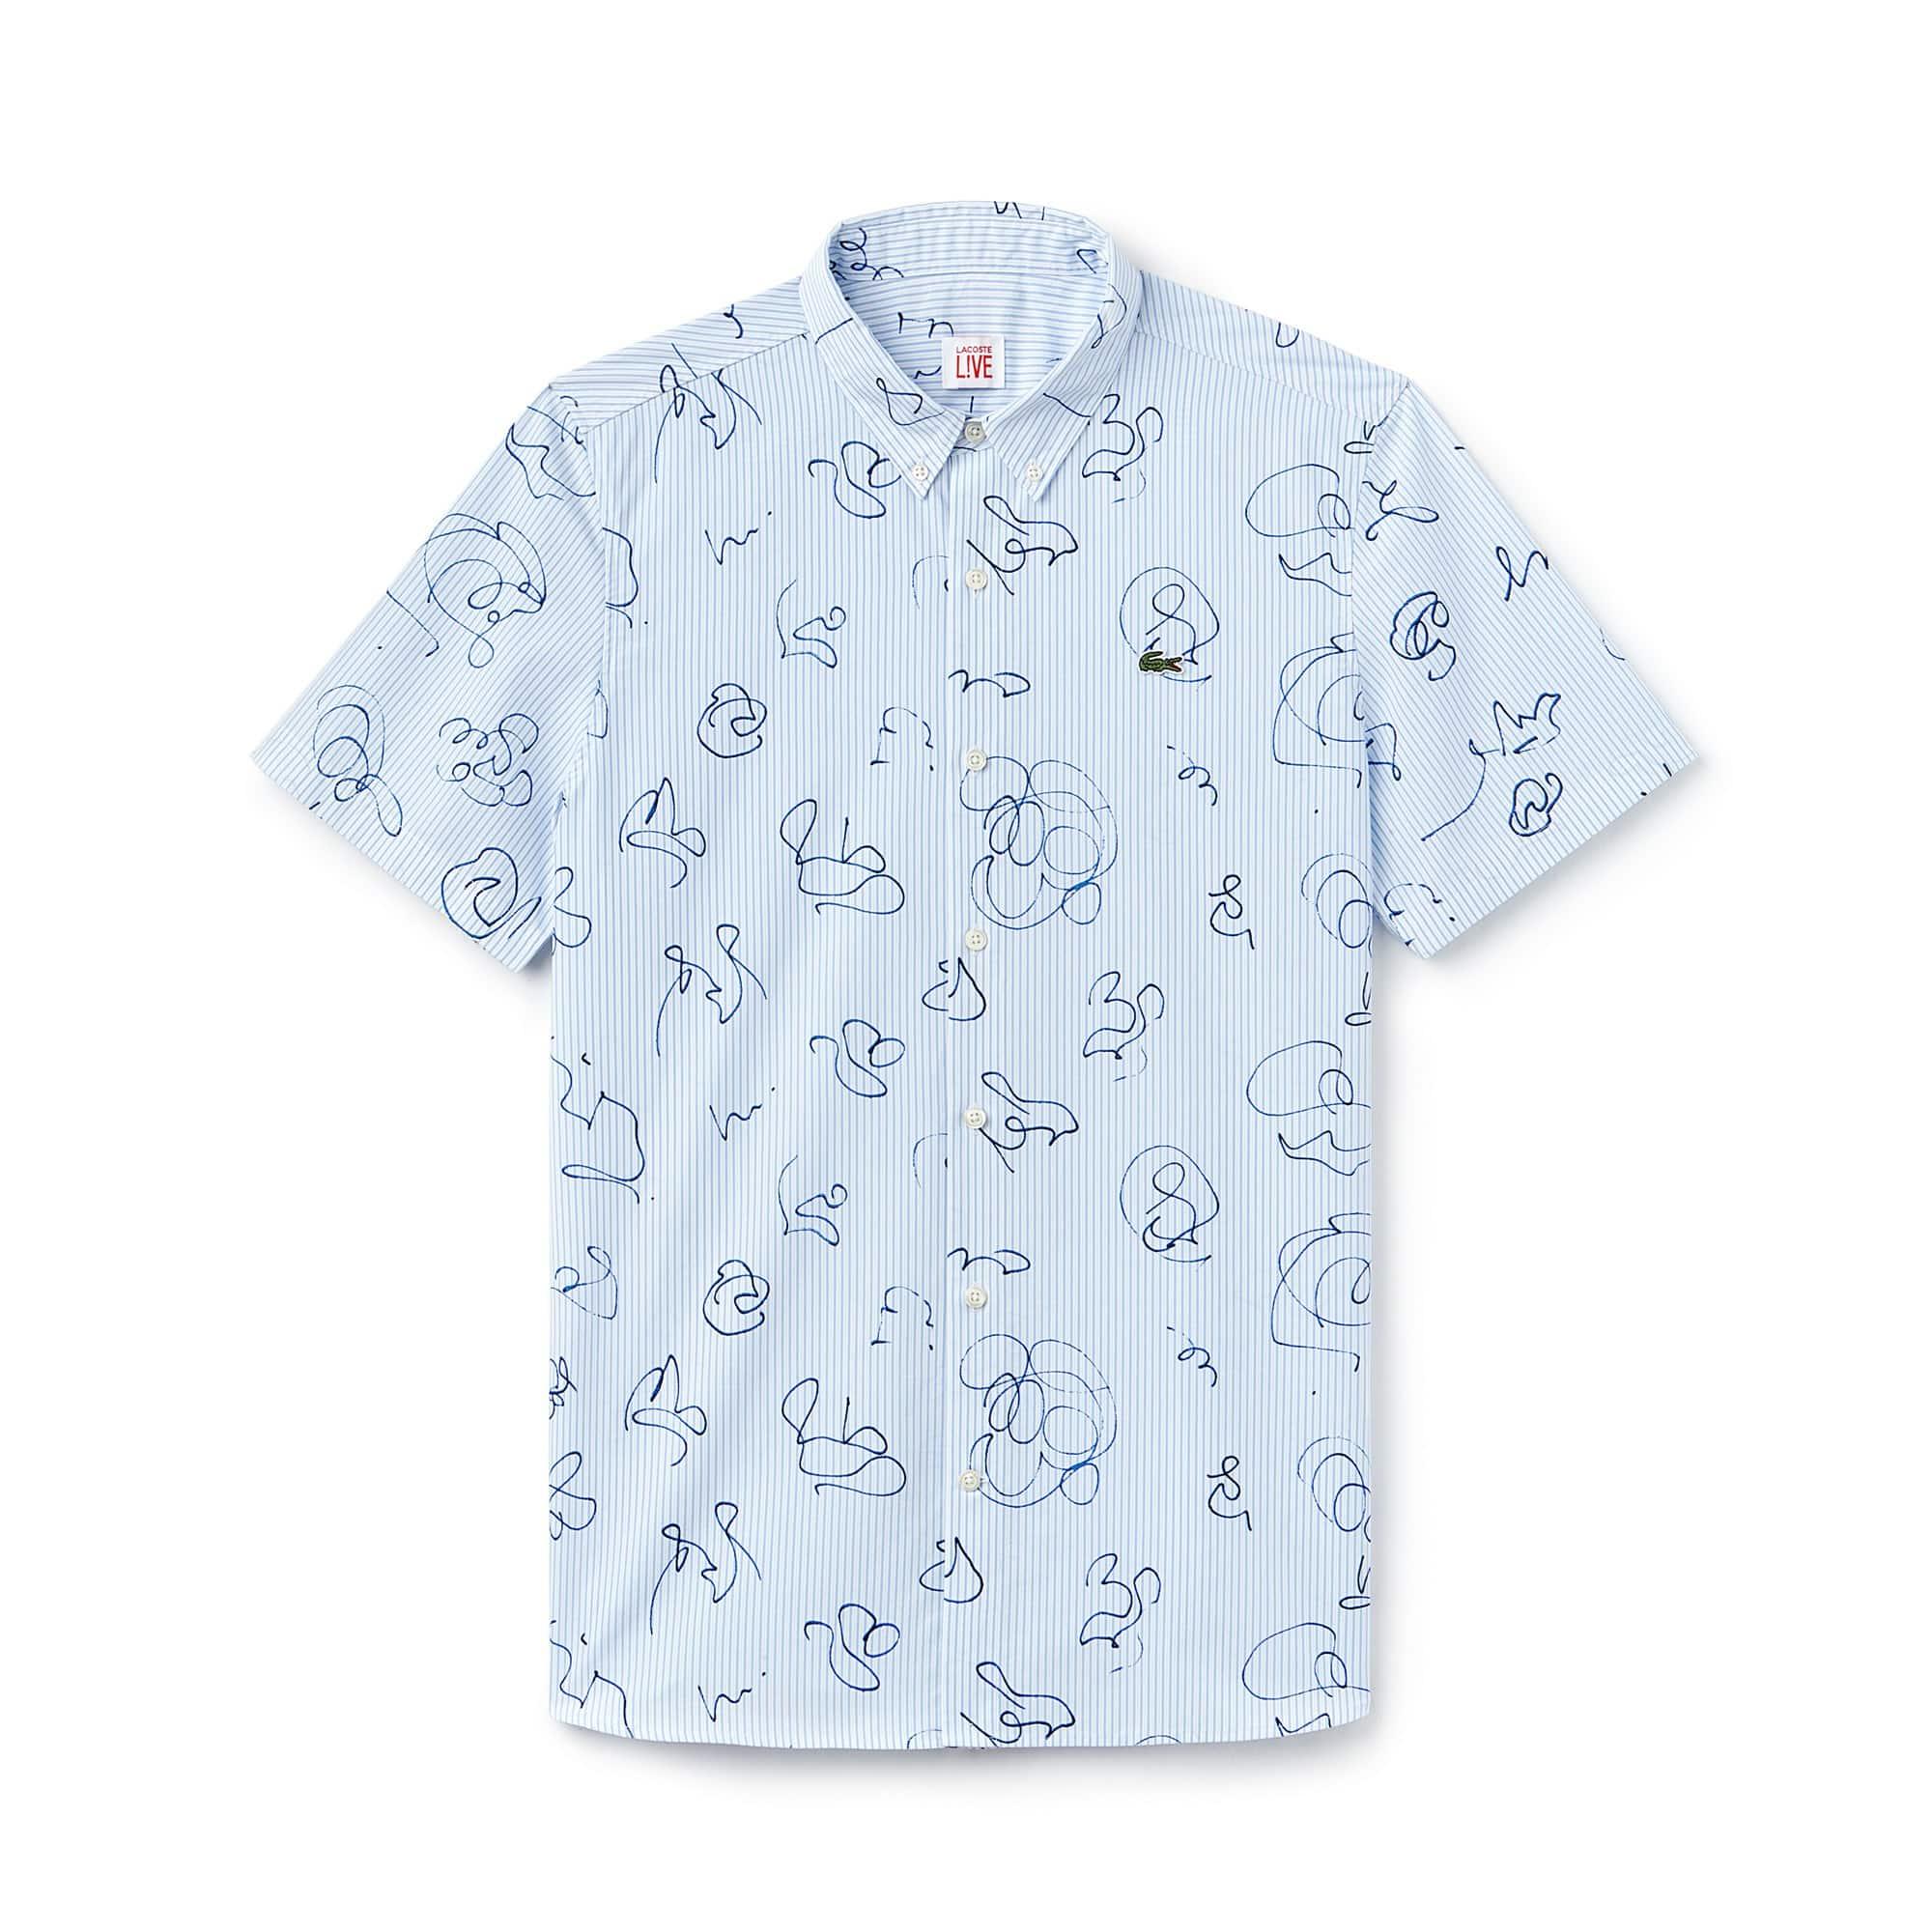 Camisa Lacoste LIVE de manga curta em popelina às riscas com impressão